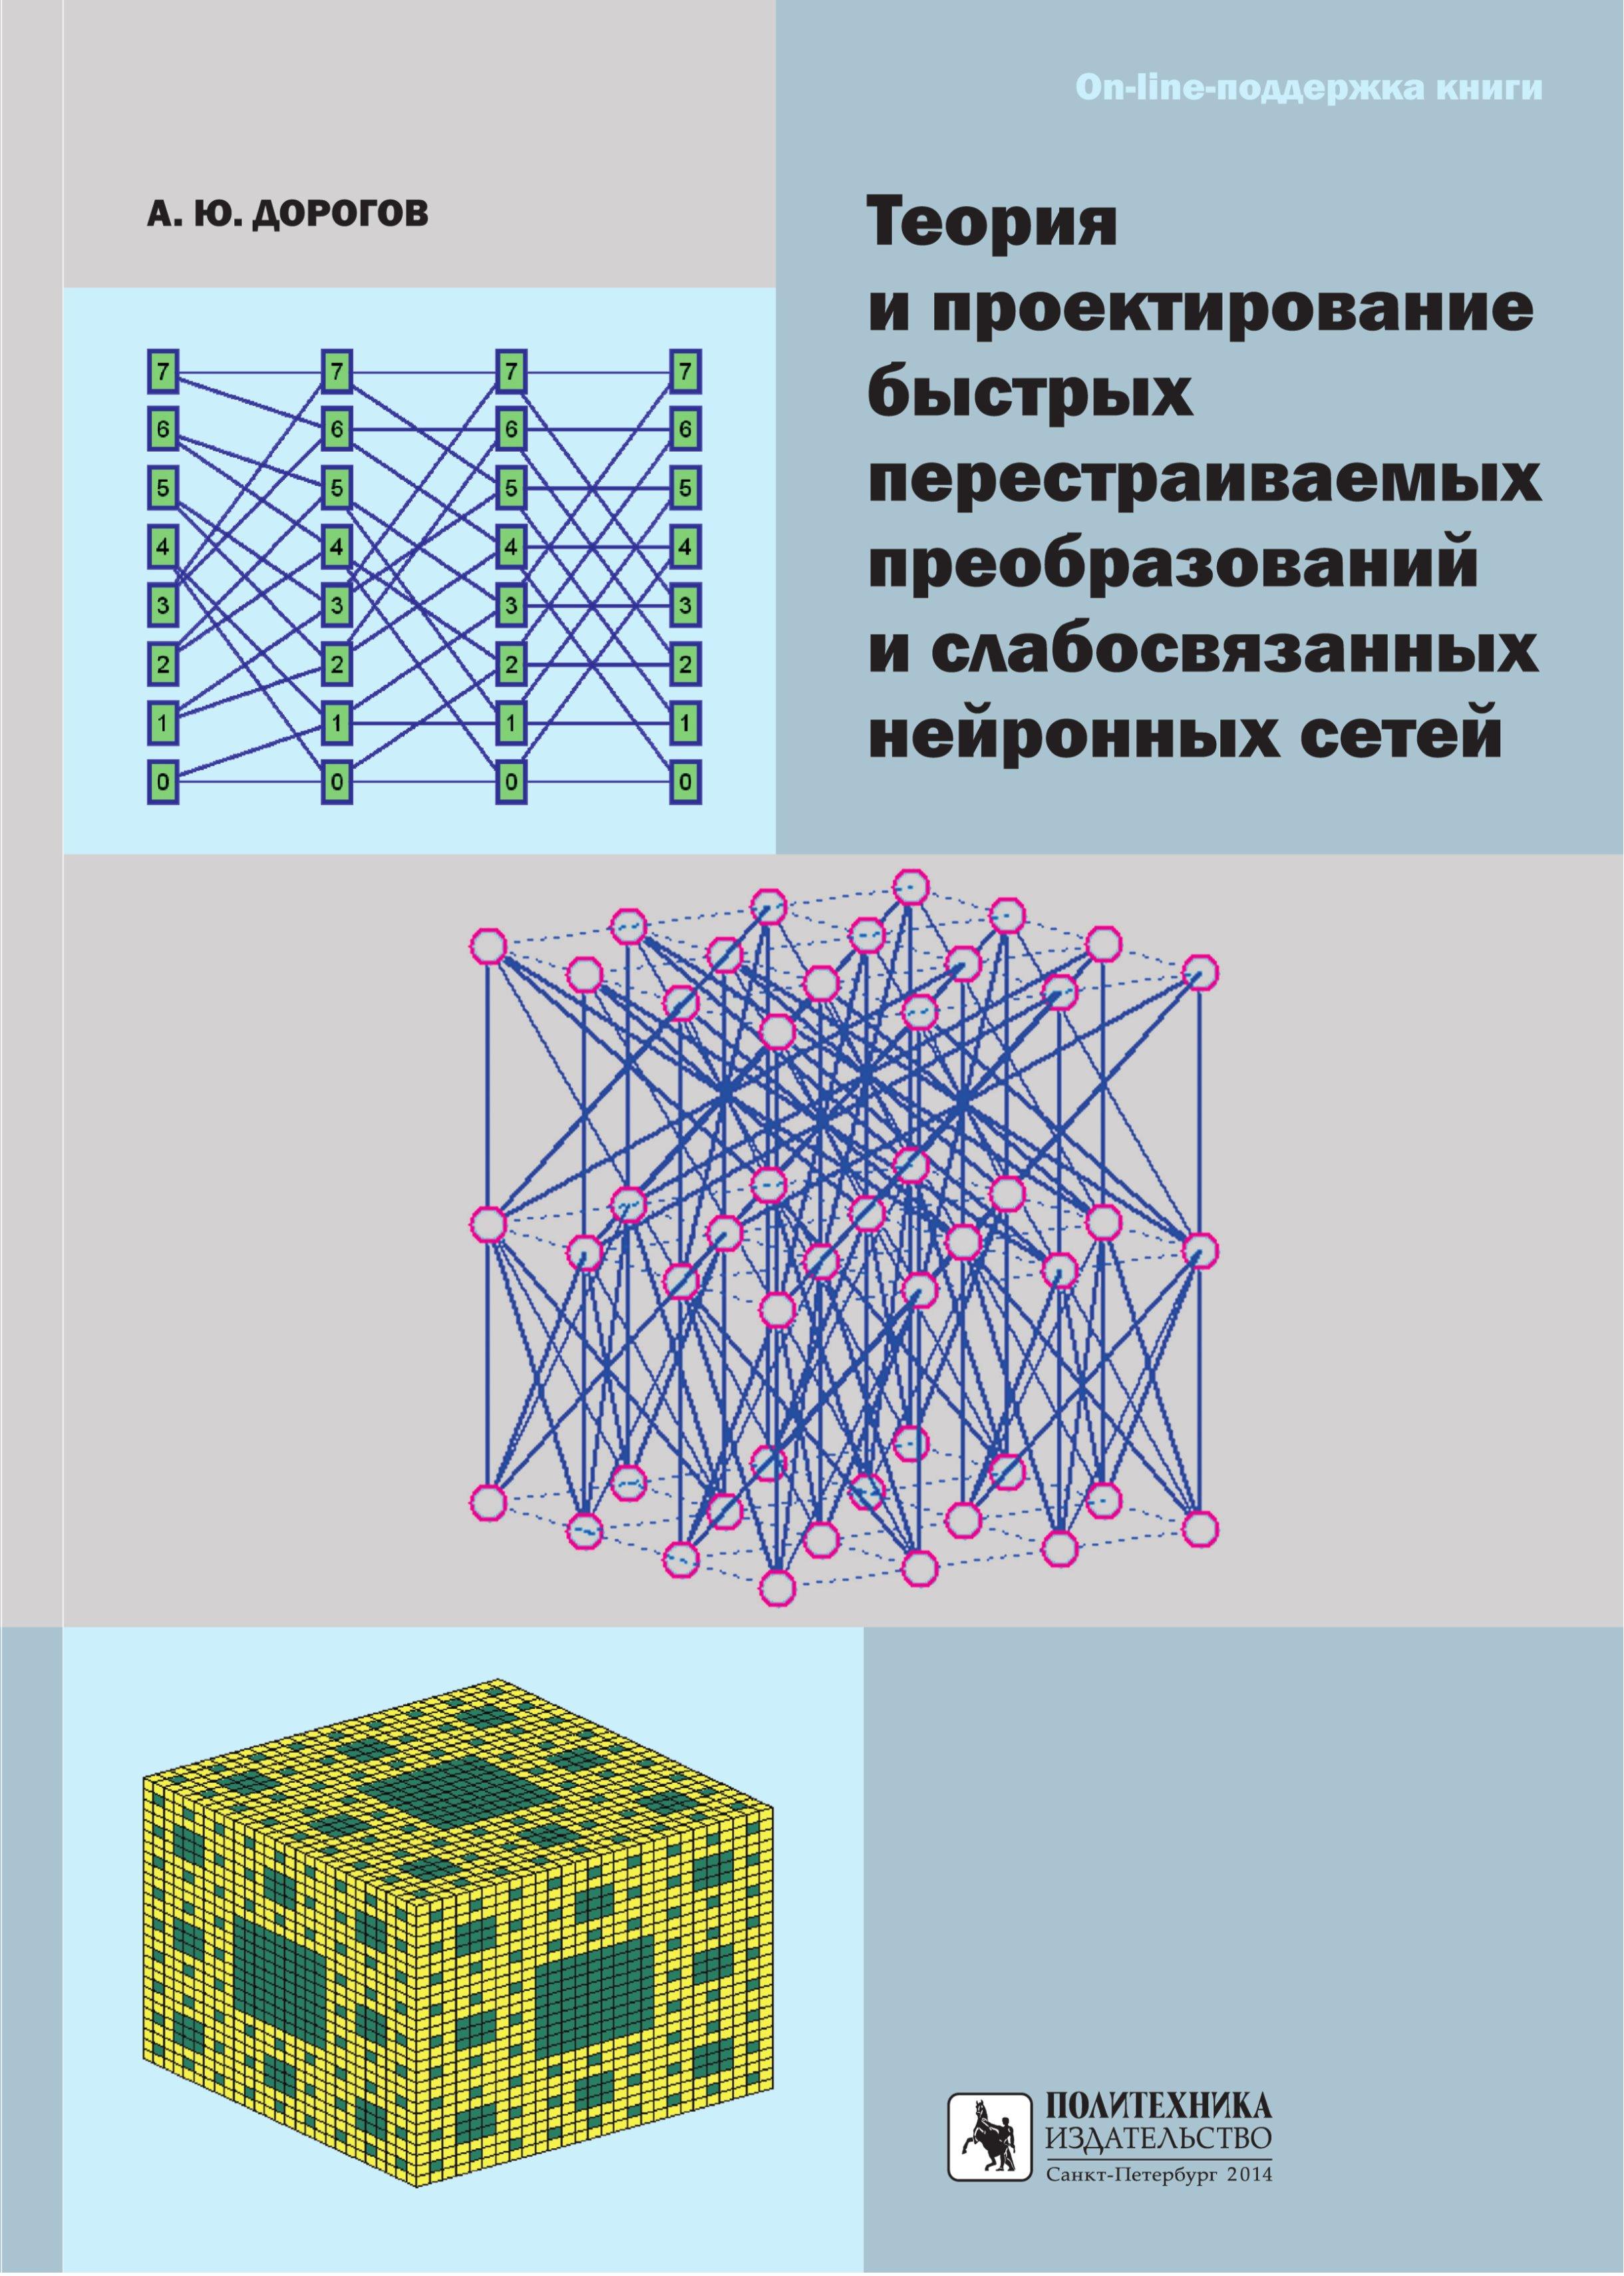 цена на А. Ю. Дорогов Теория и проектирование быстрых перестраиваемых преобразований и слабосвязанных нейронных сетей